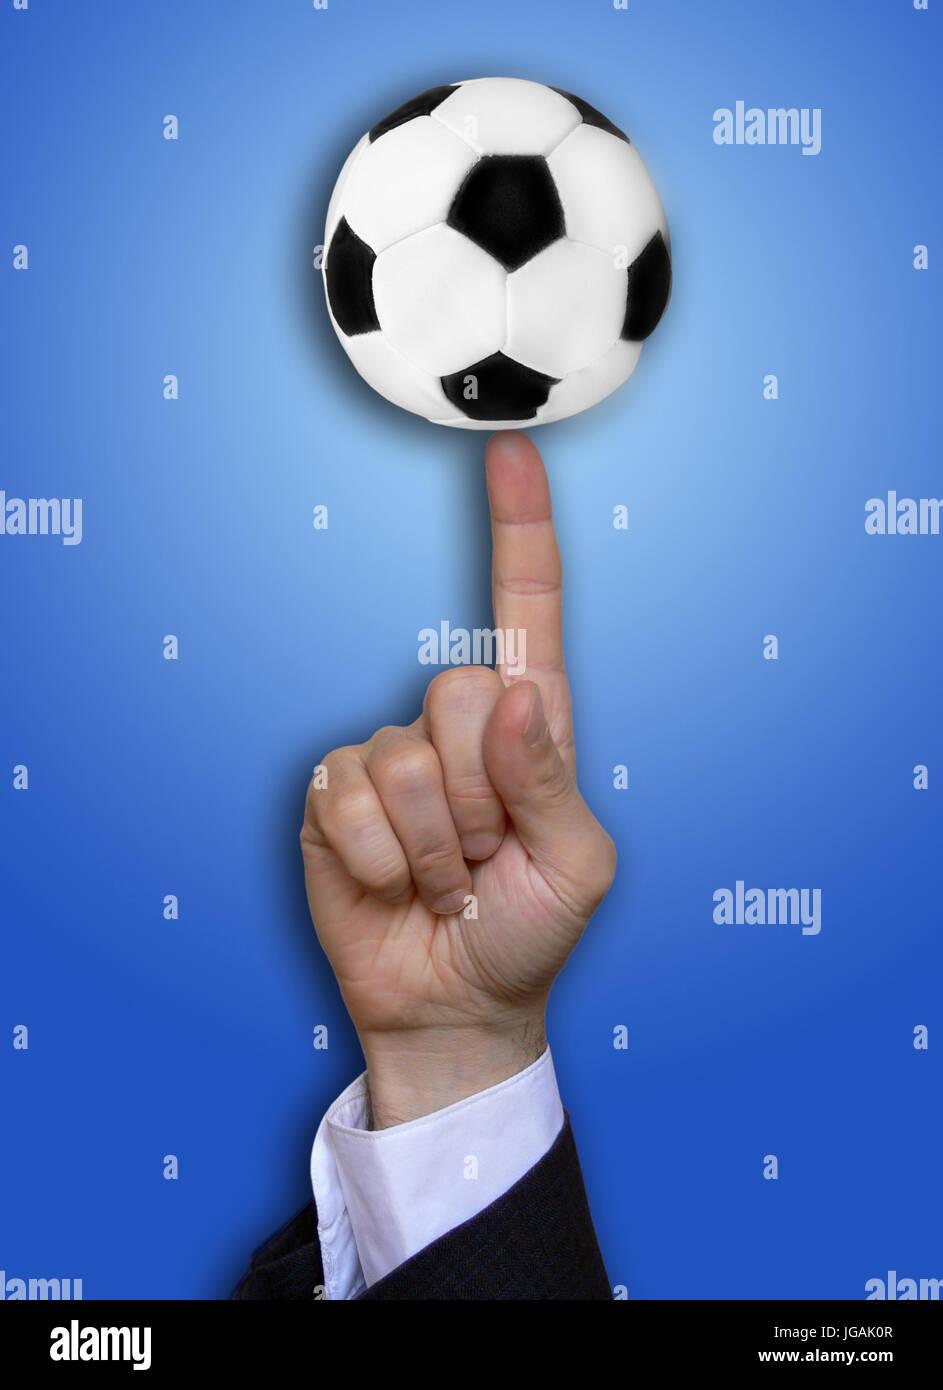 La mano con el dedo la celebración de una pequeña pelota de fútbol, concepto de negocio Imagen De Stock